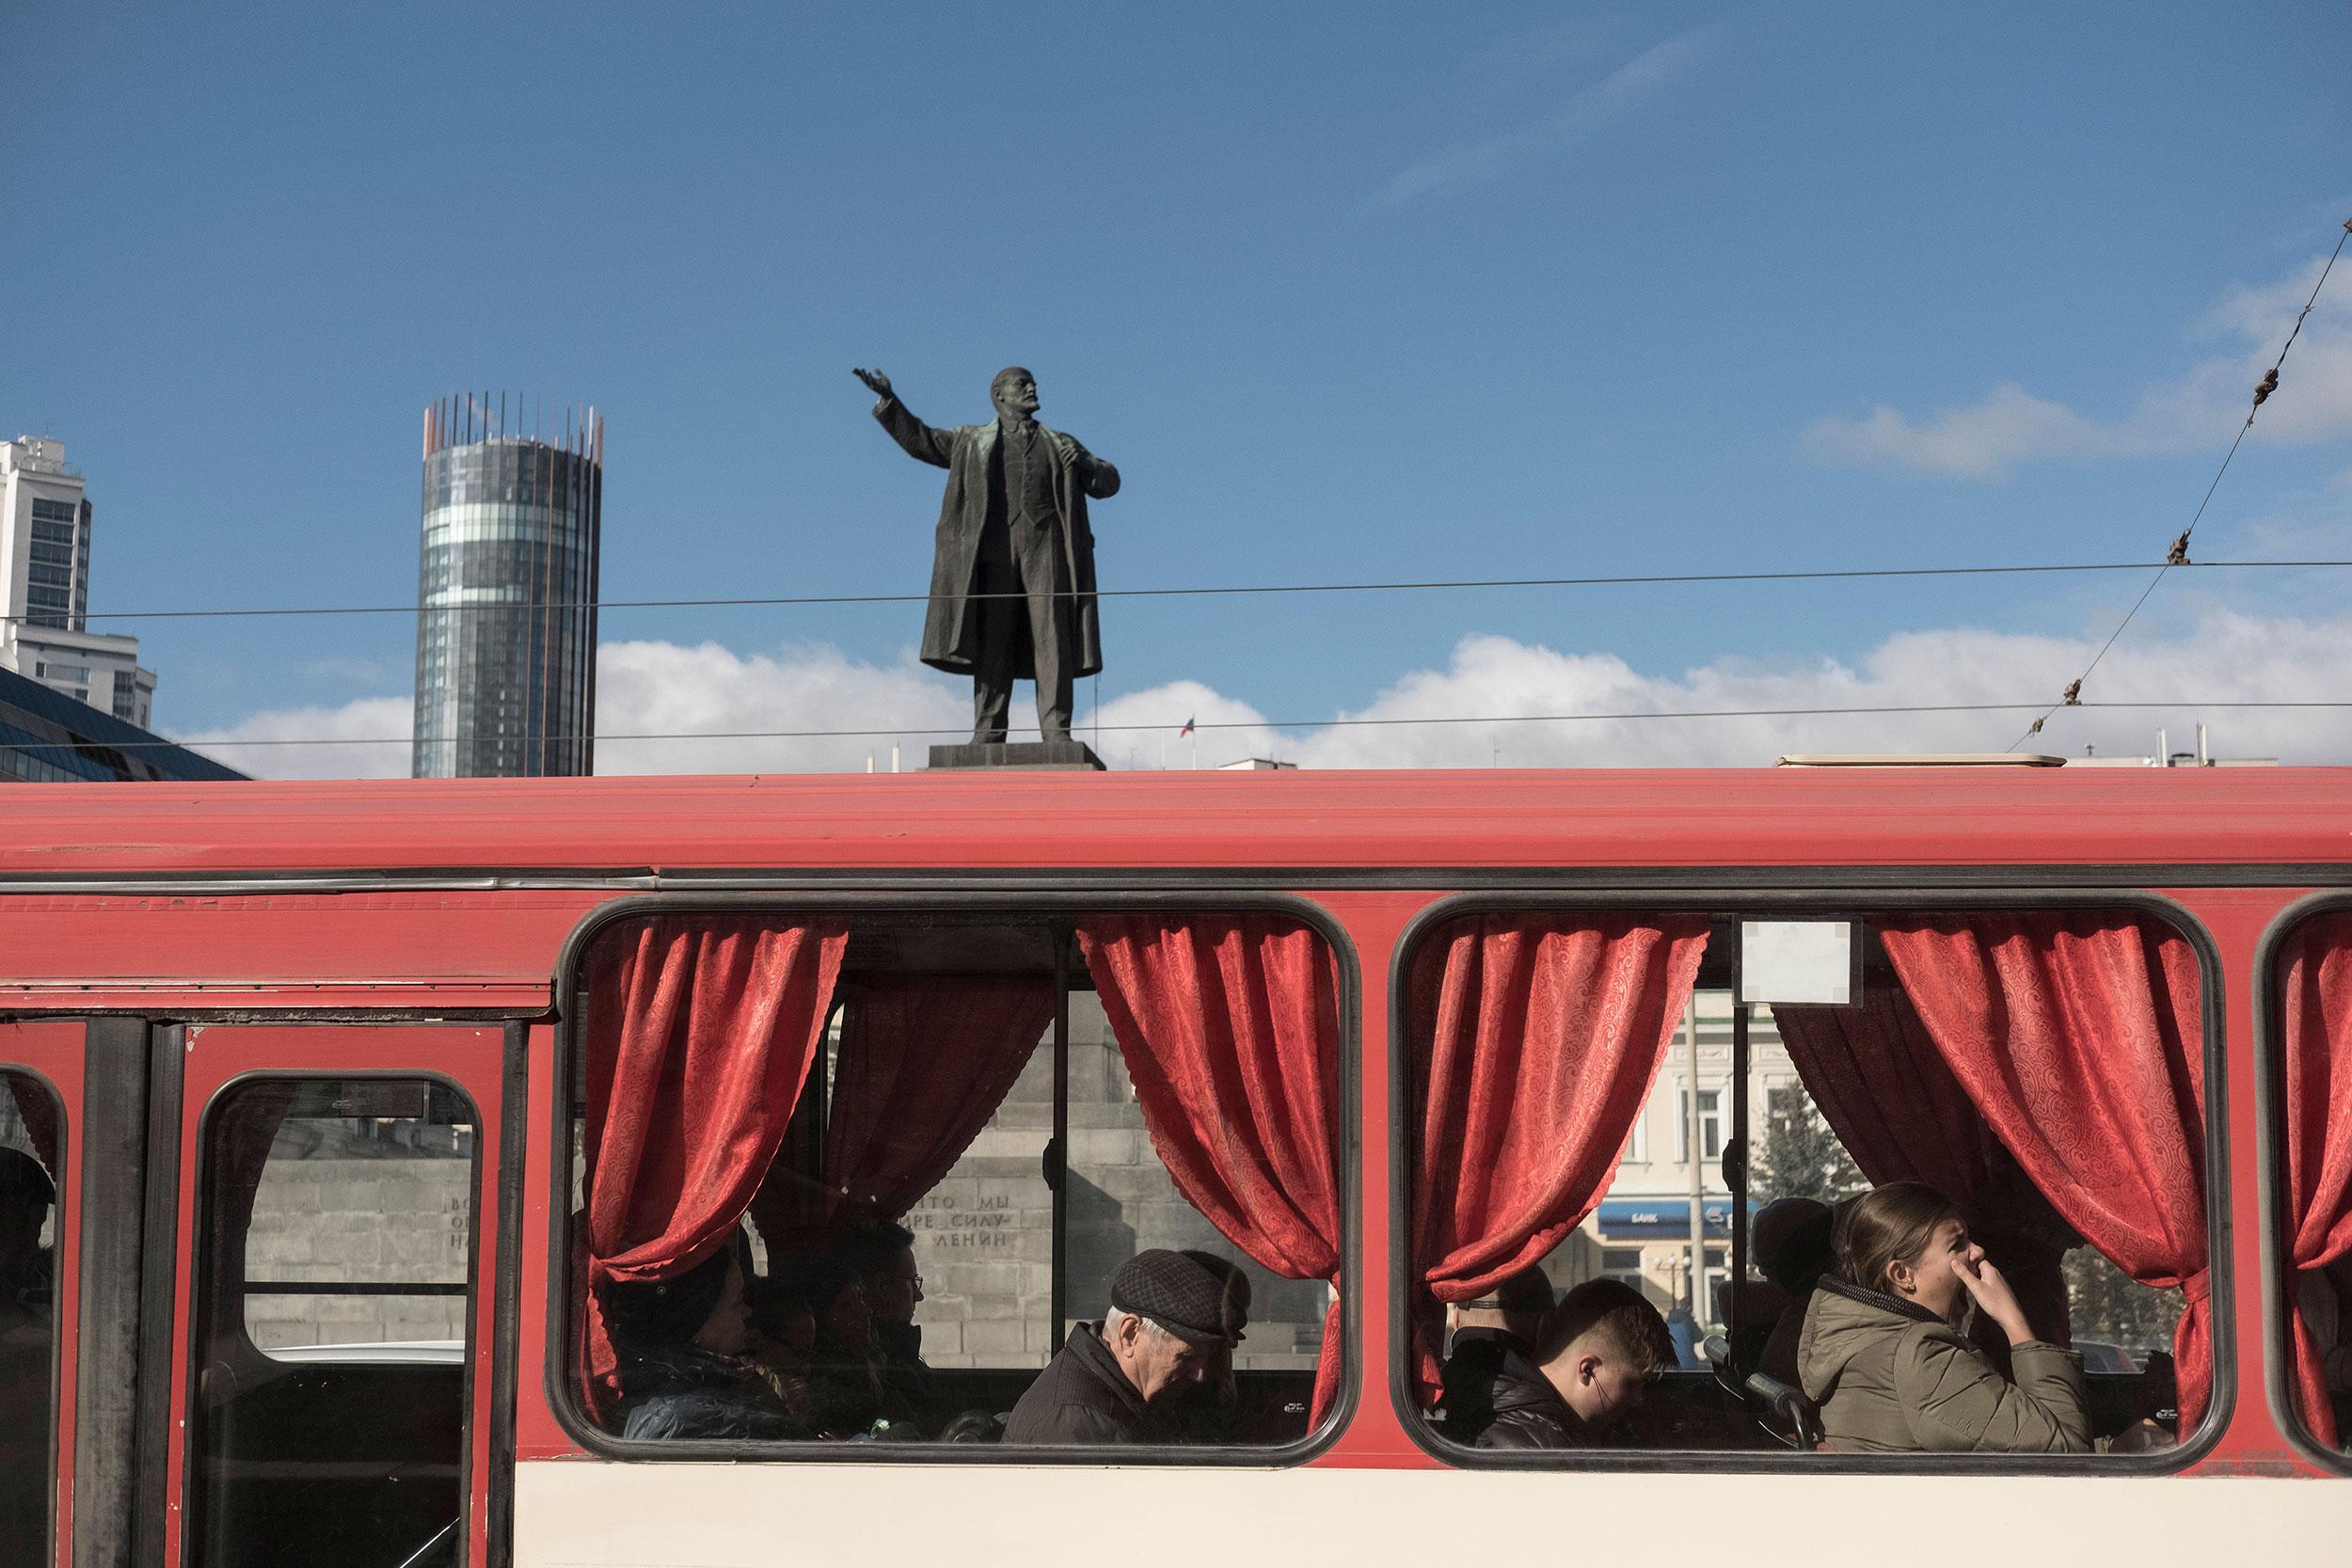 Russia, Yekaterinburg